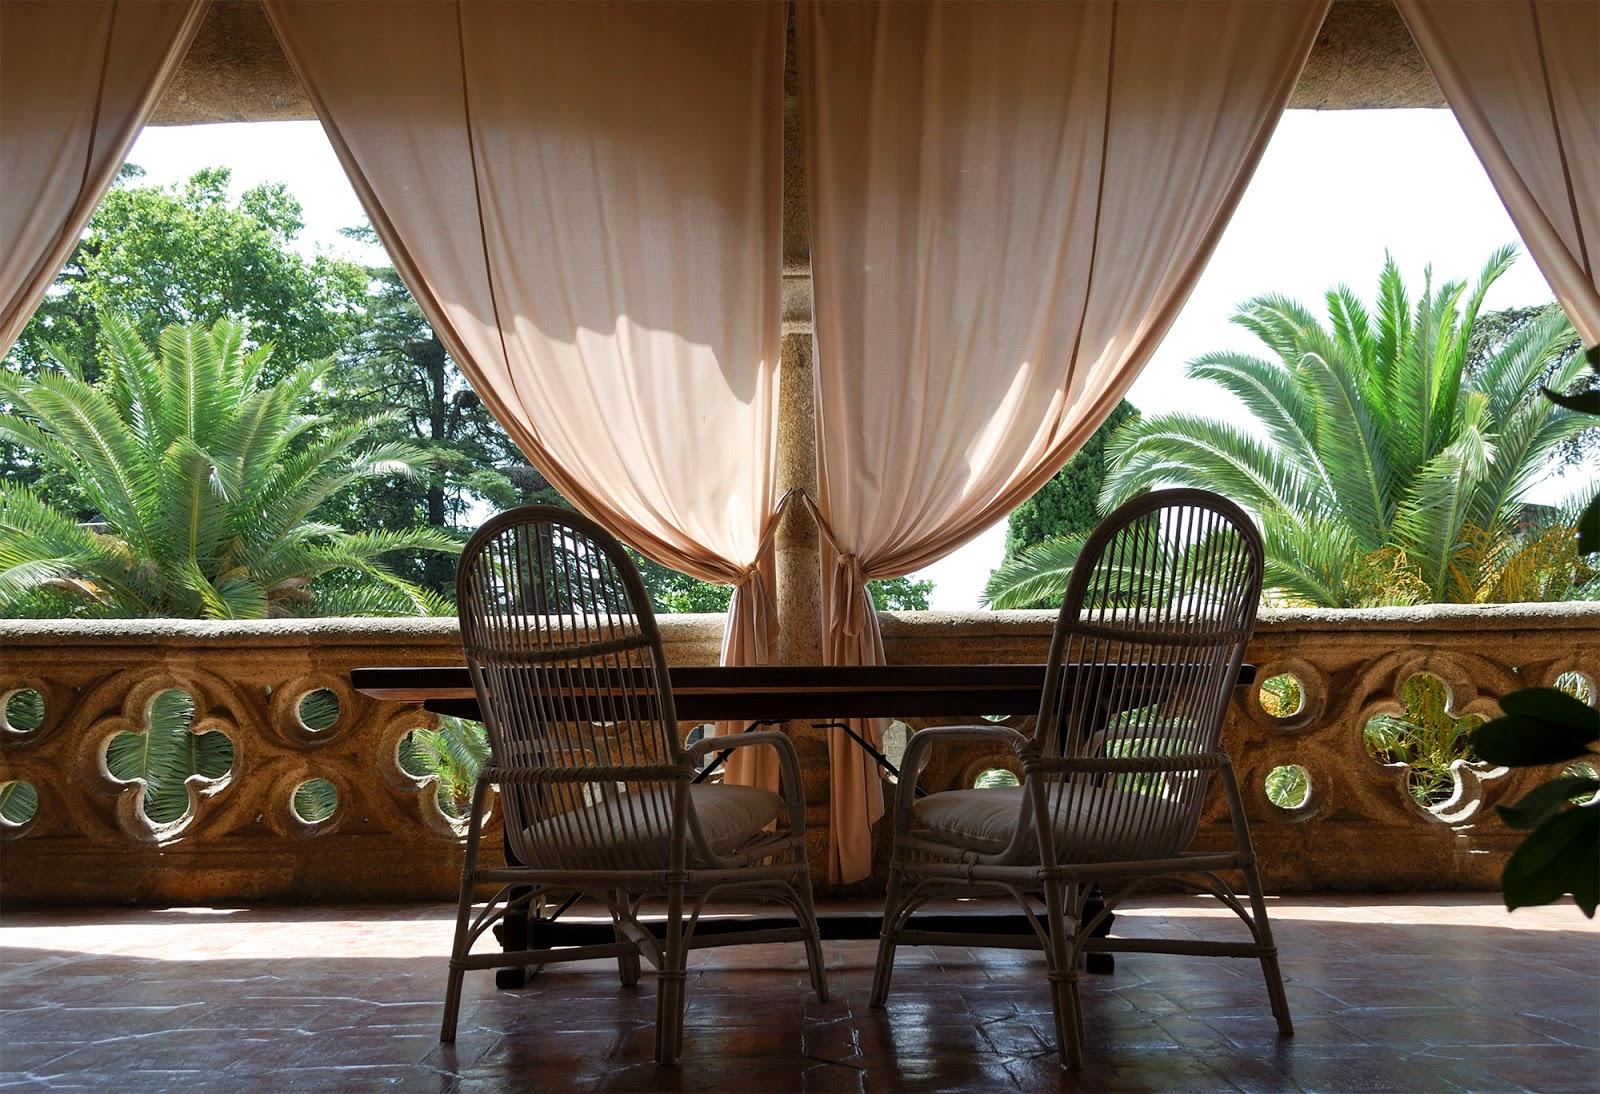 parador jarandilla vera extremadura caceres luxury hotel spain